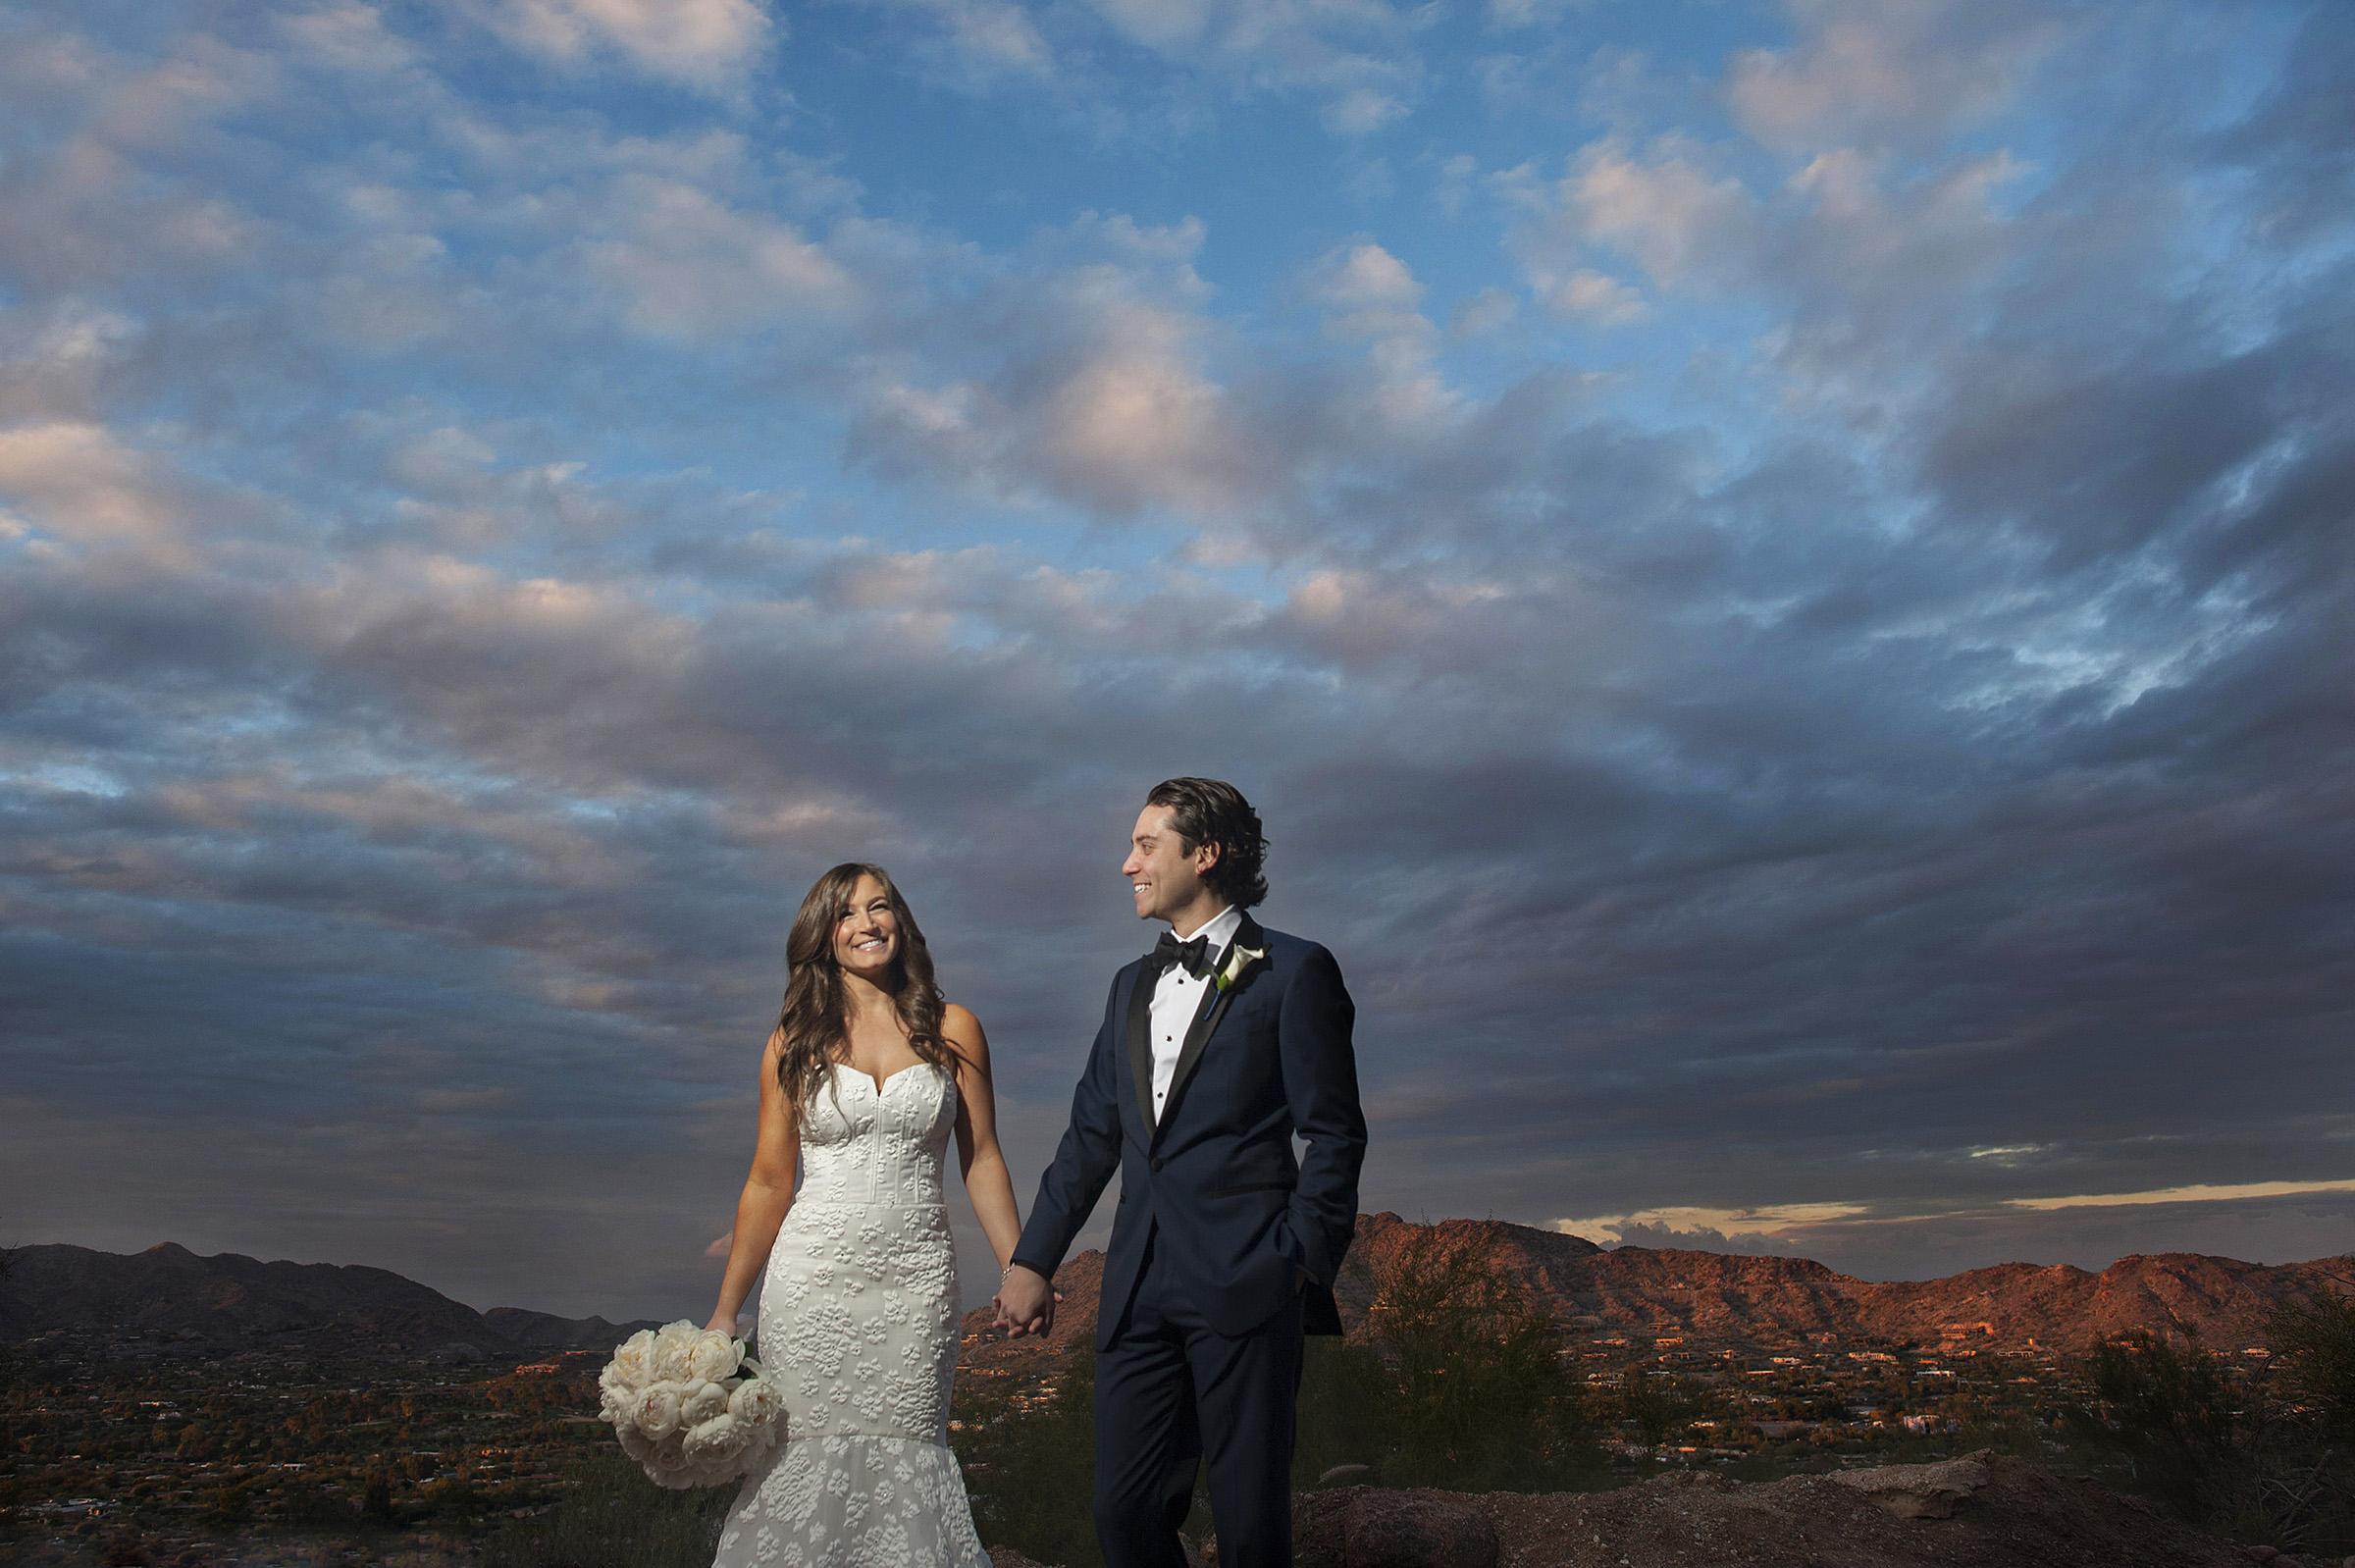 Sanctuary Camelback Mountain wedding sunset